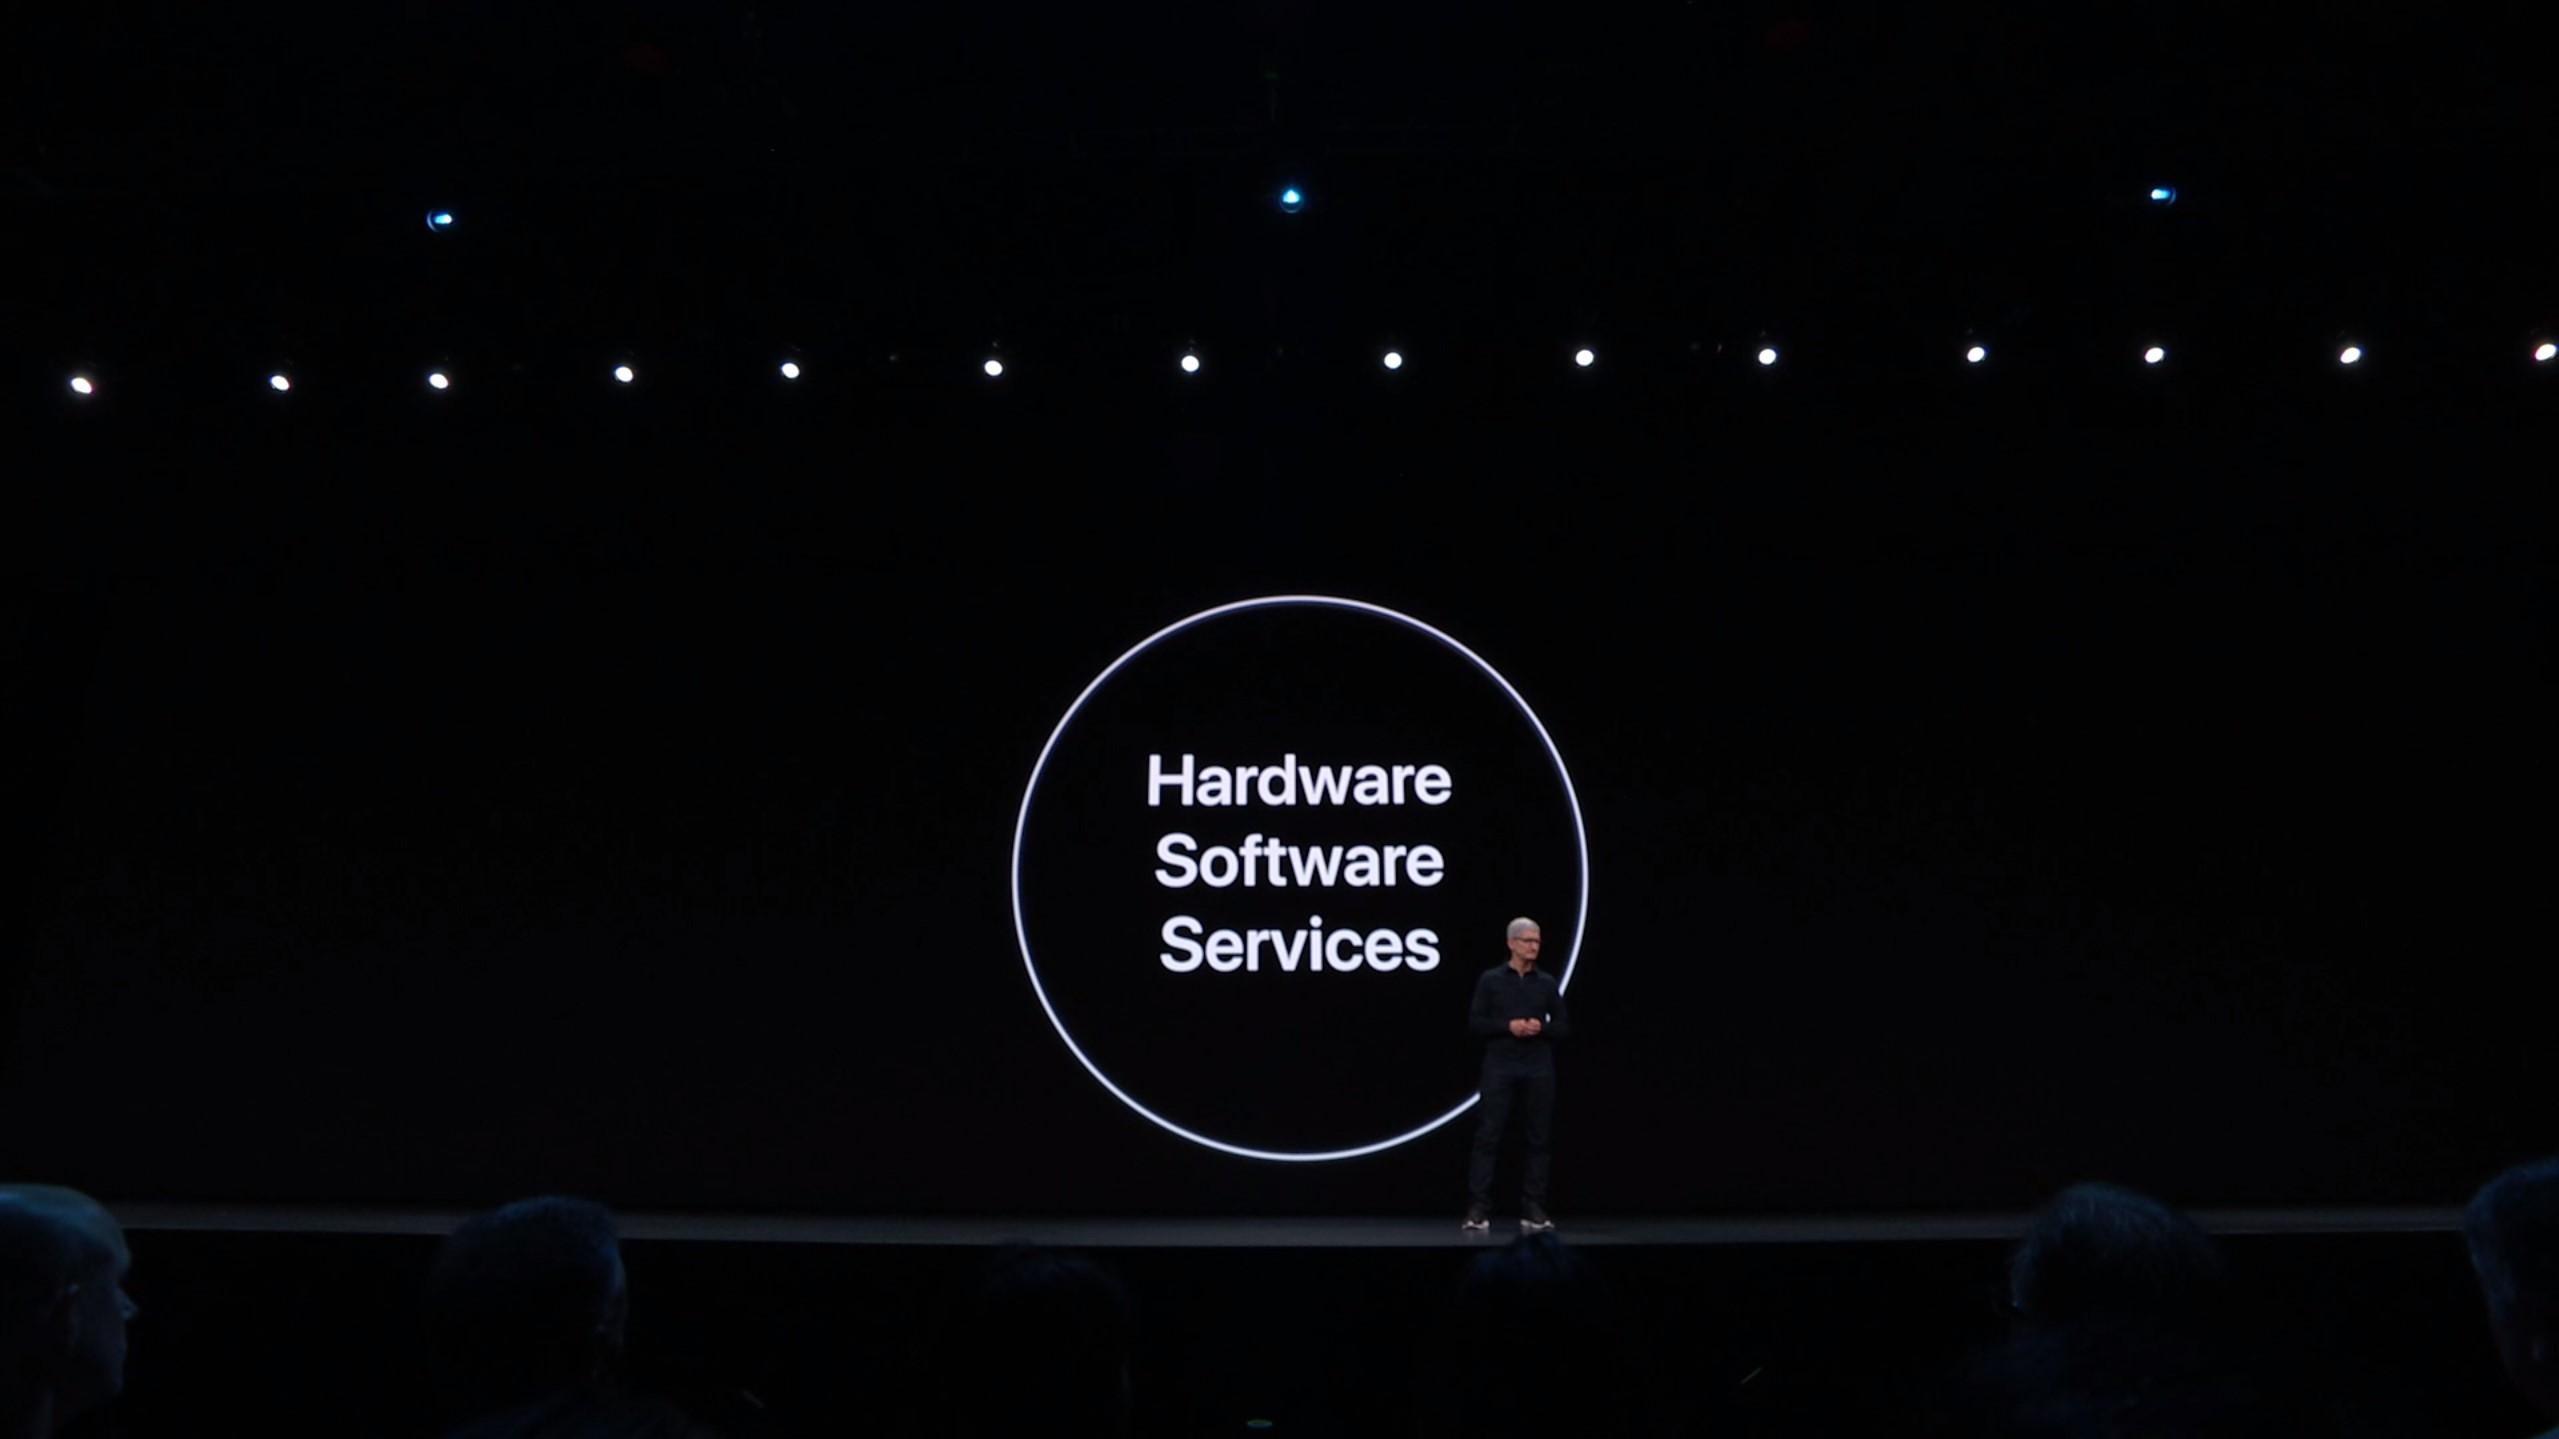 Apple představil watchOS 6 a tvOS 13